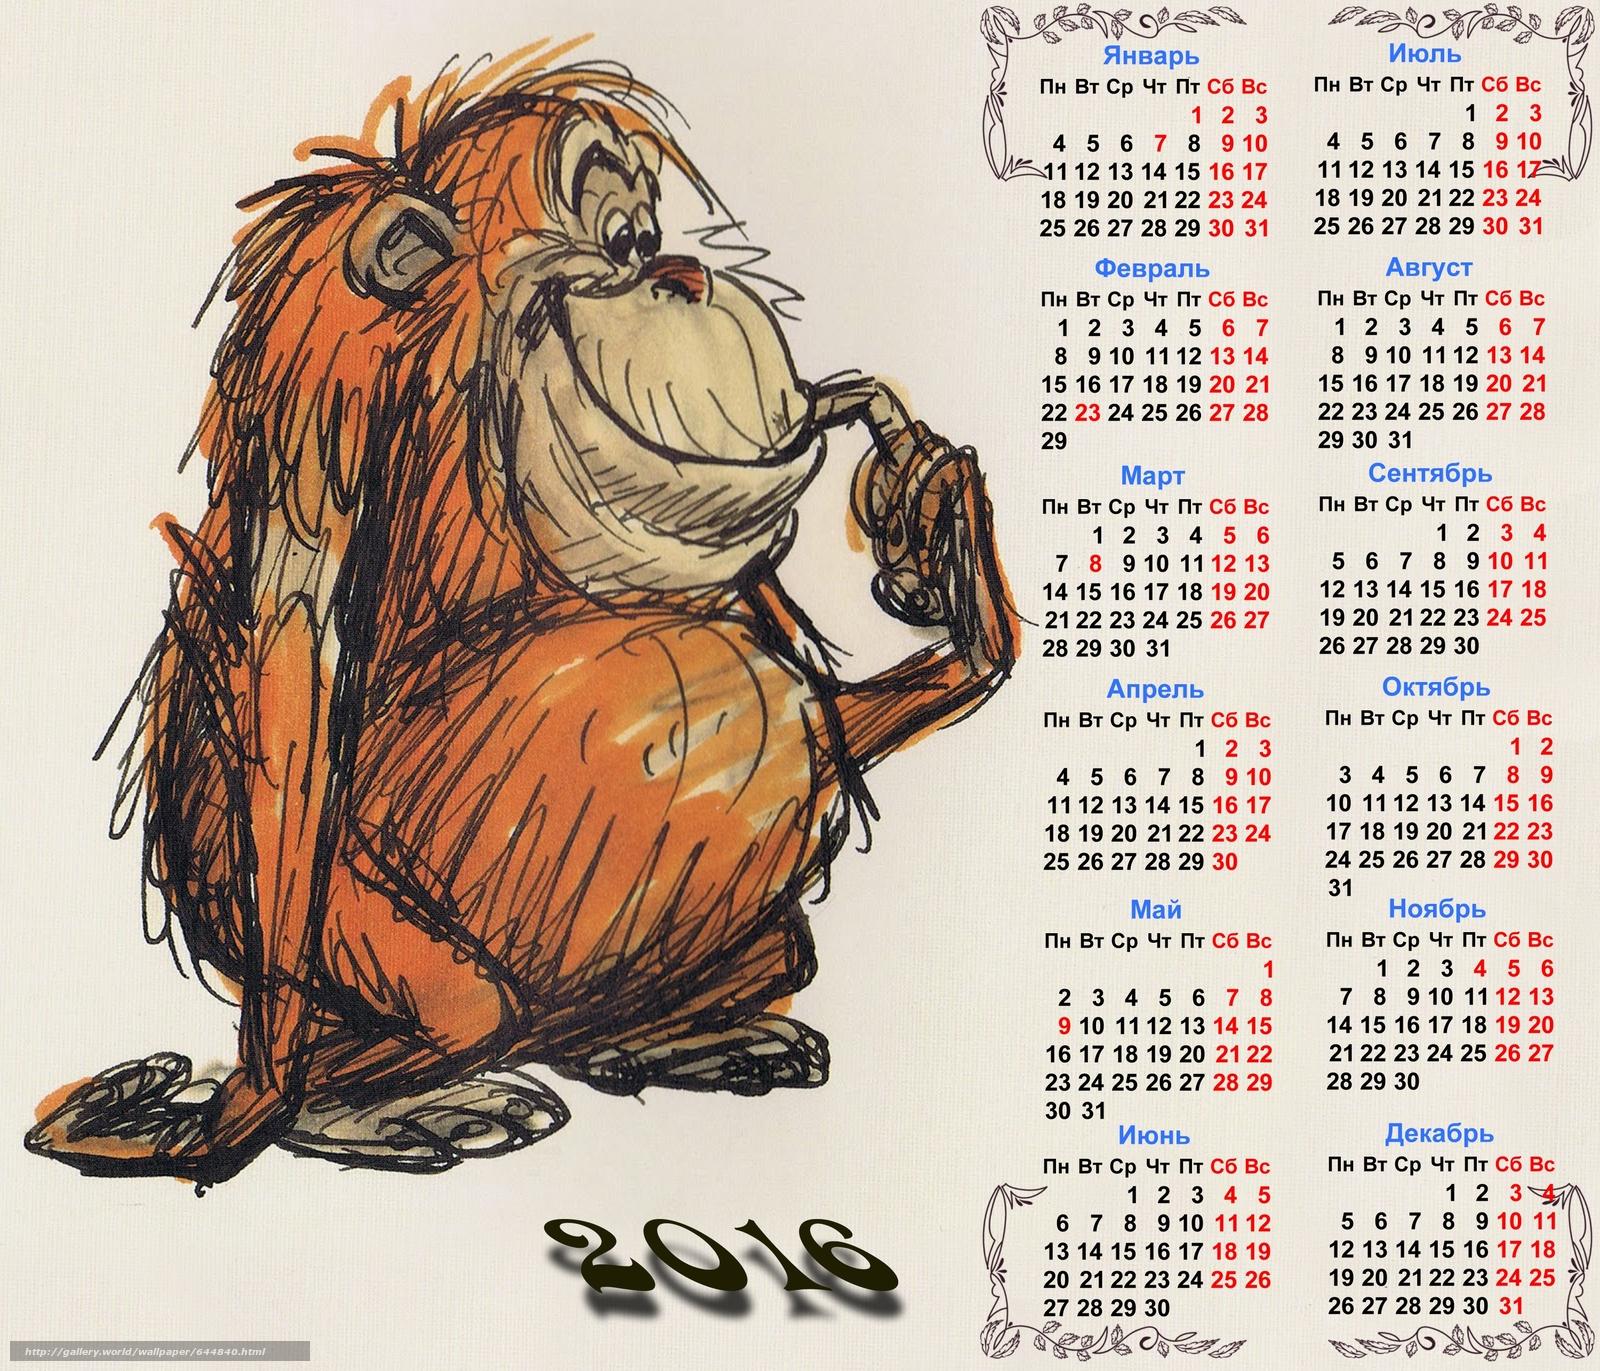 Скачать обои календарь на 2016 год,  календарь с обезьяной,  2016 бесплатно для рабочего стола в разрешении 3000x2571 — картинка №644840